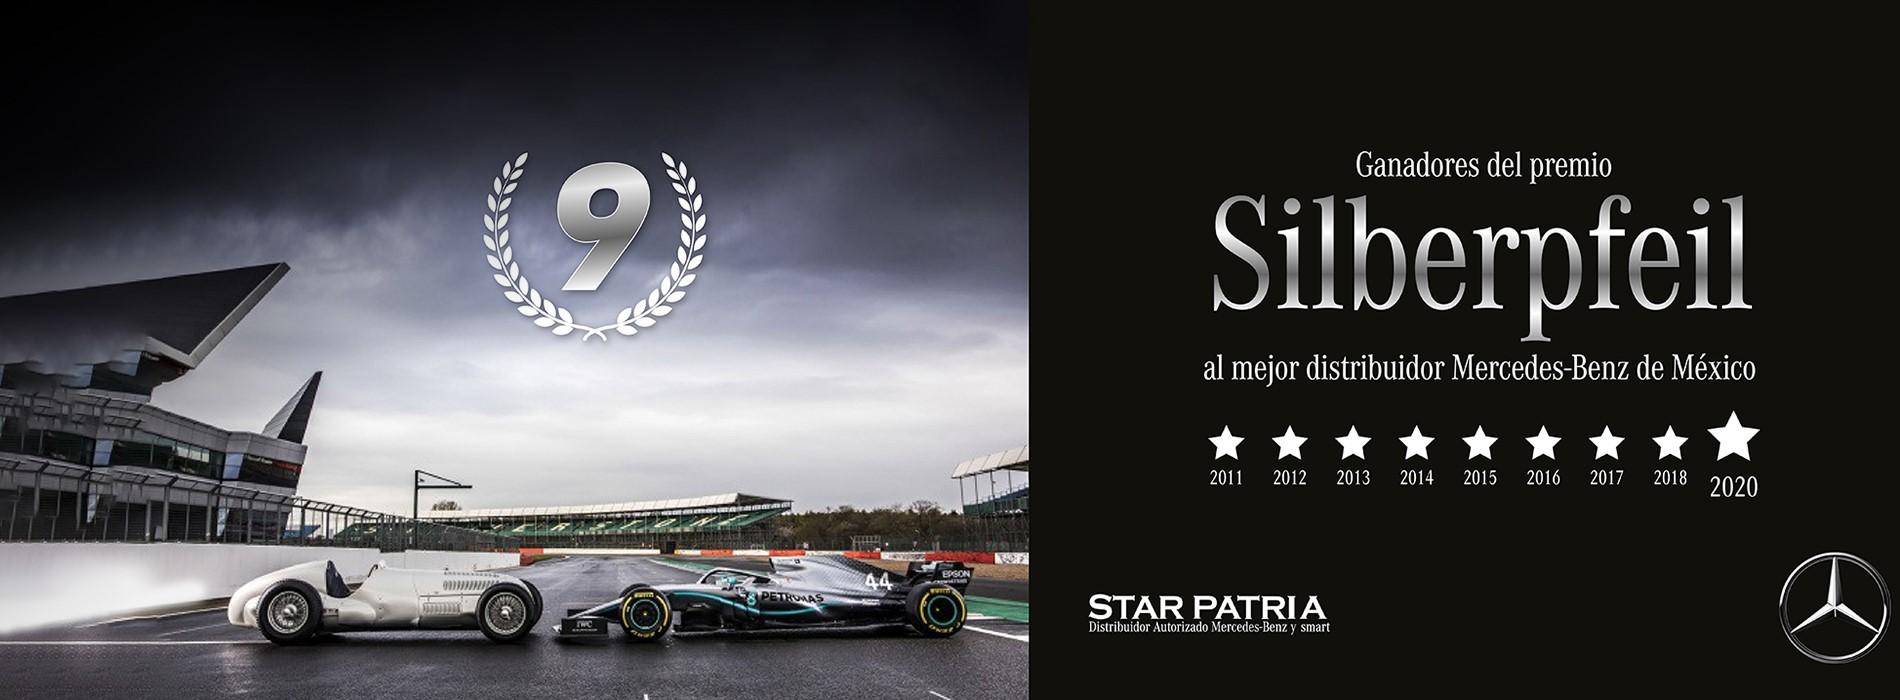 ¡Una estrella más para Star Patria!